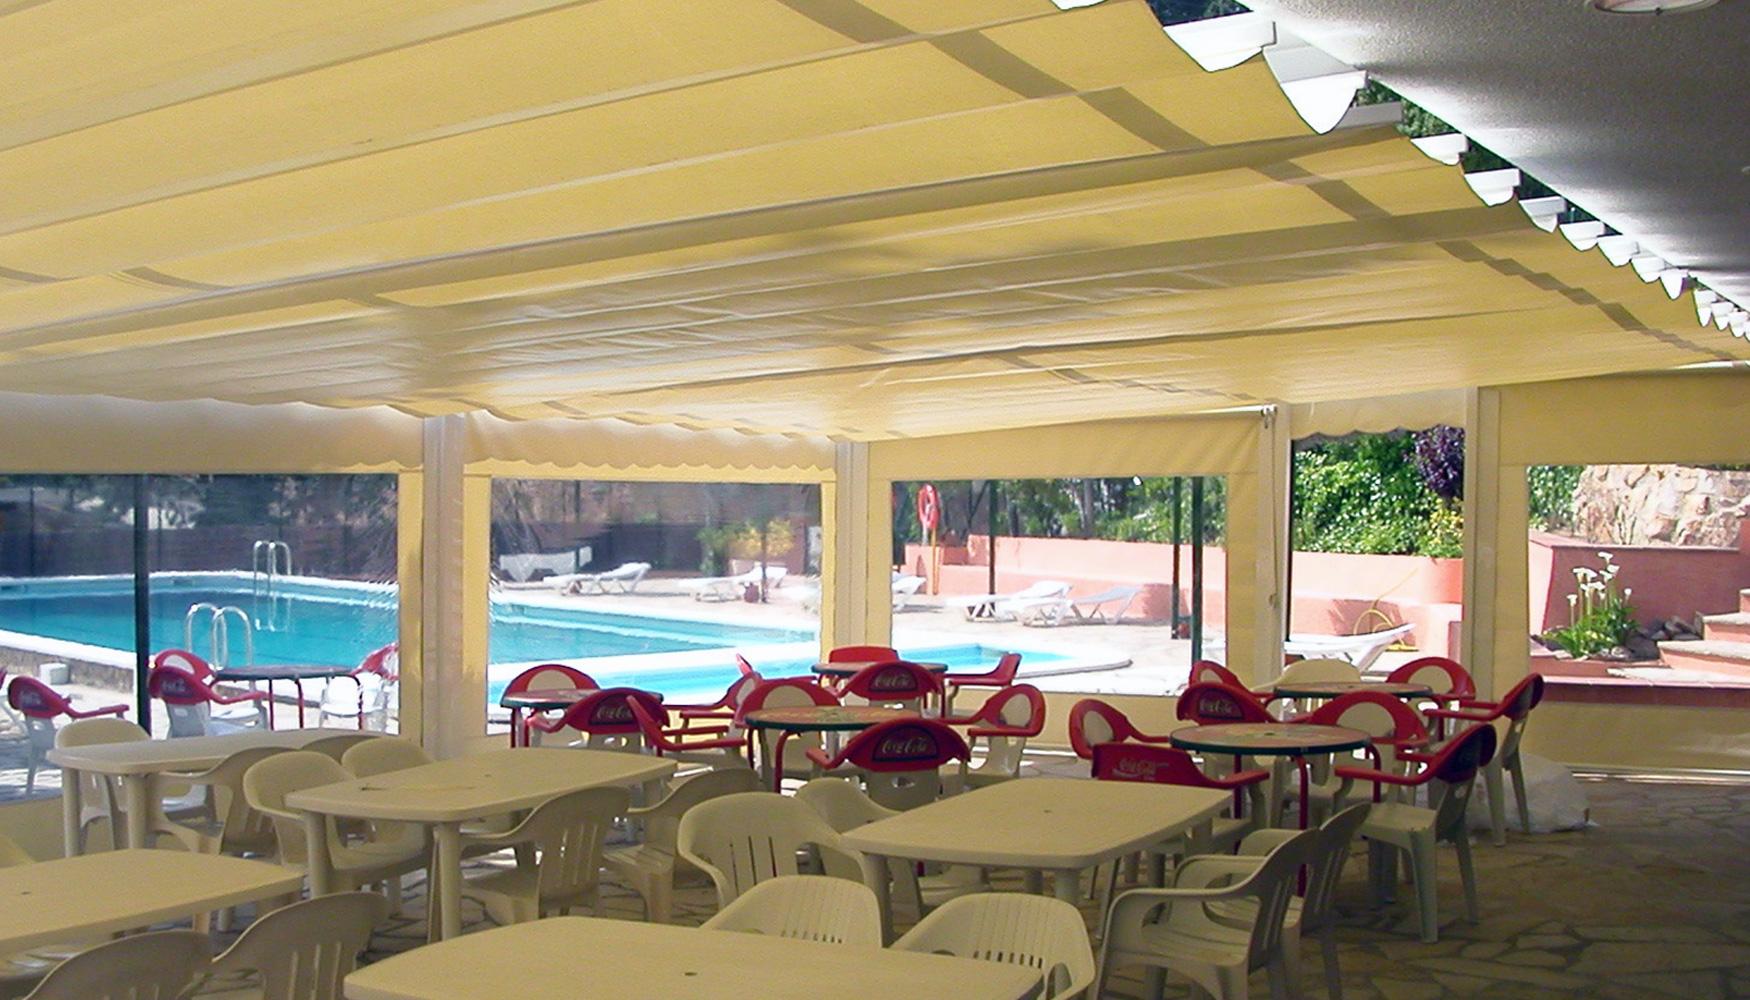 Toldos y parasoles de novelty para terrazas protecci n solar for Toldos y parasoles